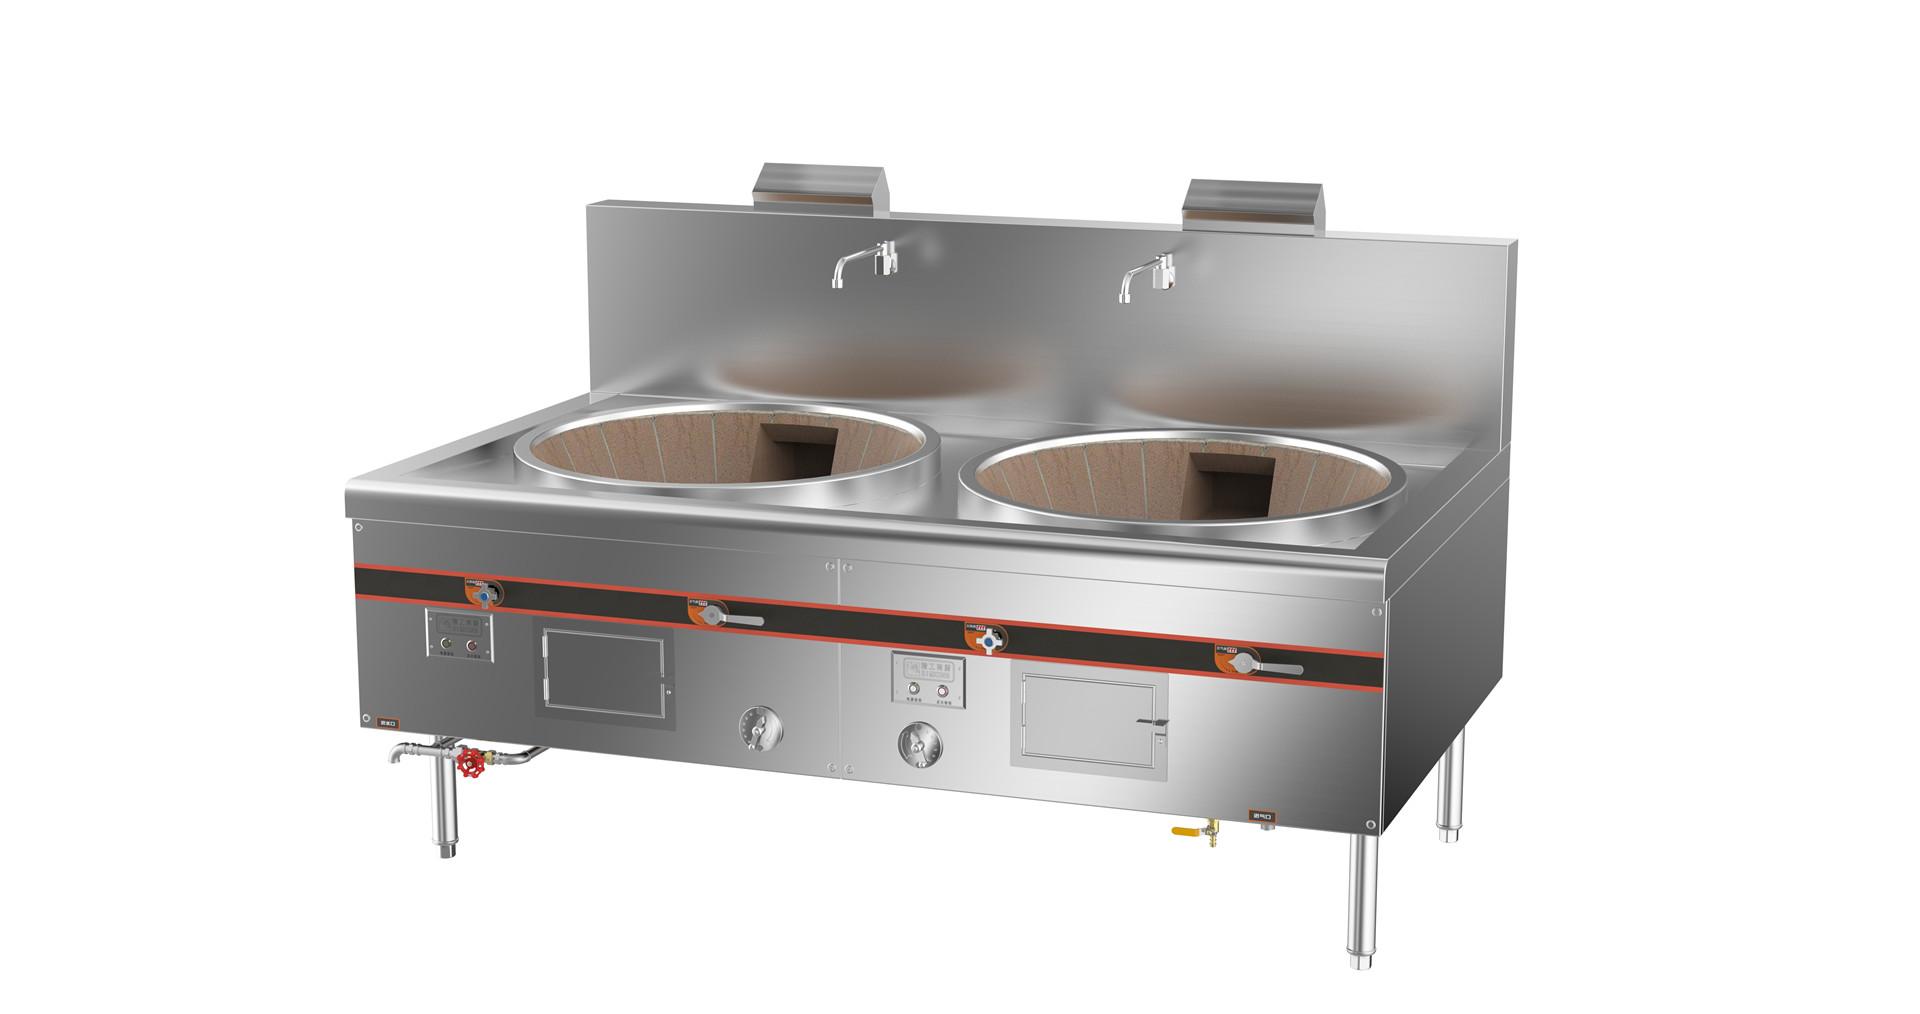 成都不锈钢厨房设备-环保双头燃气大锅灶2000x1150x800+410